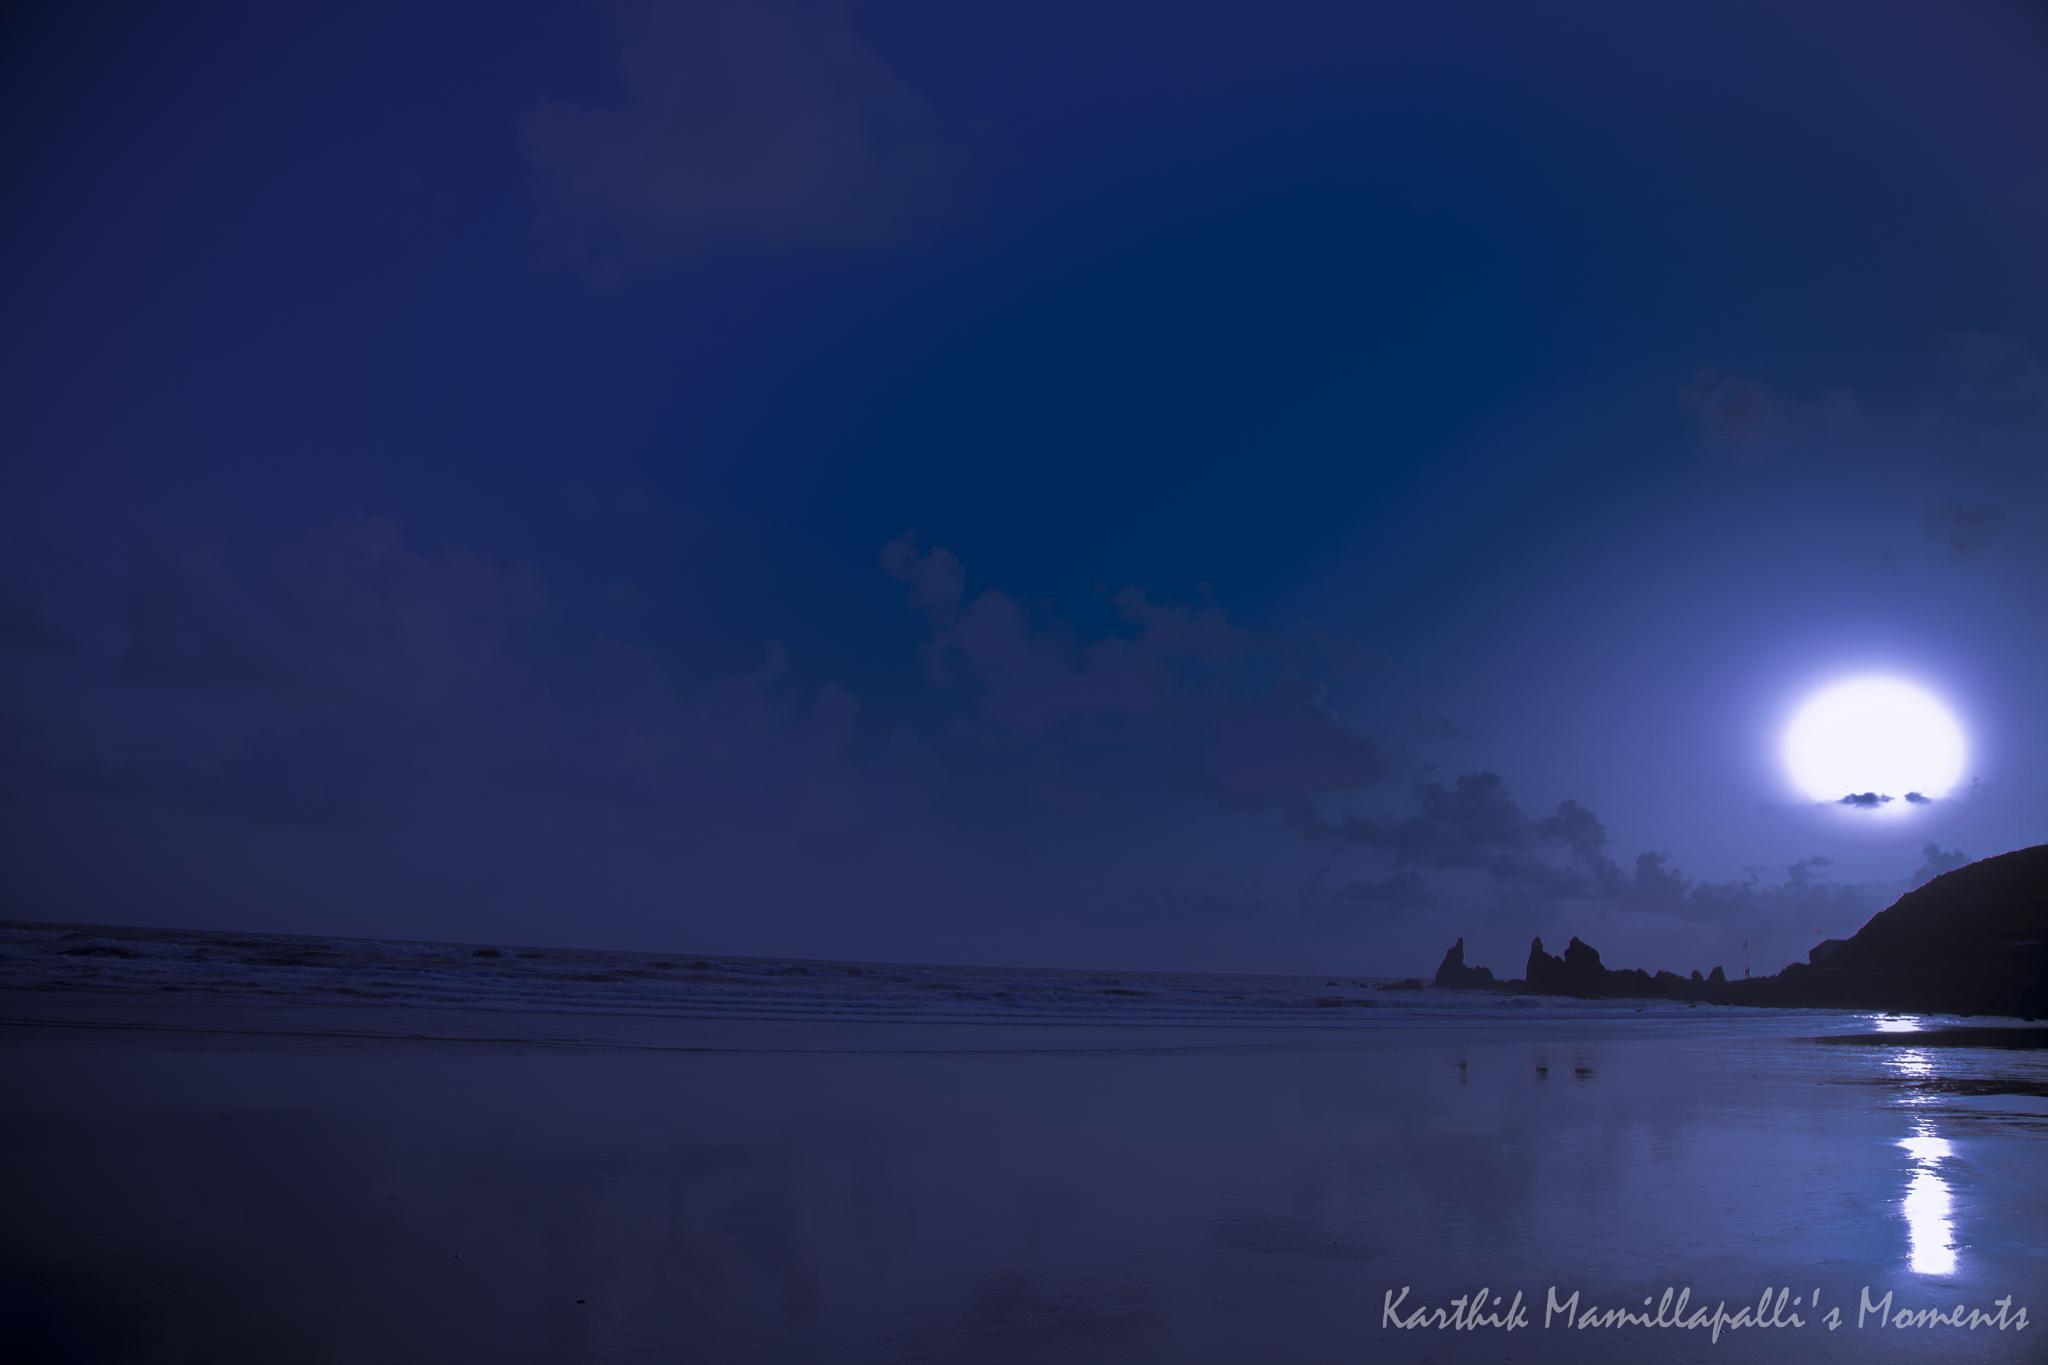 beautiful Nature by Karthik Mamillapalli